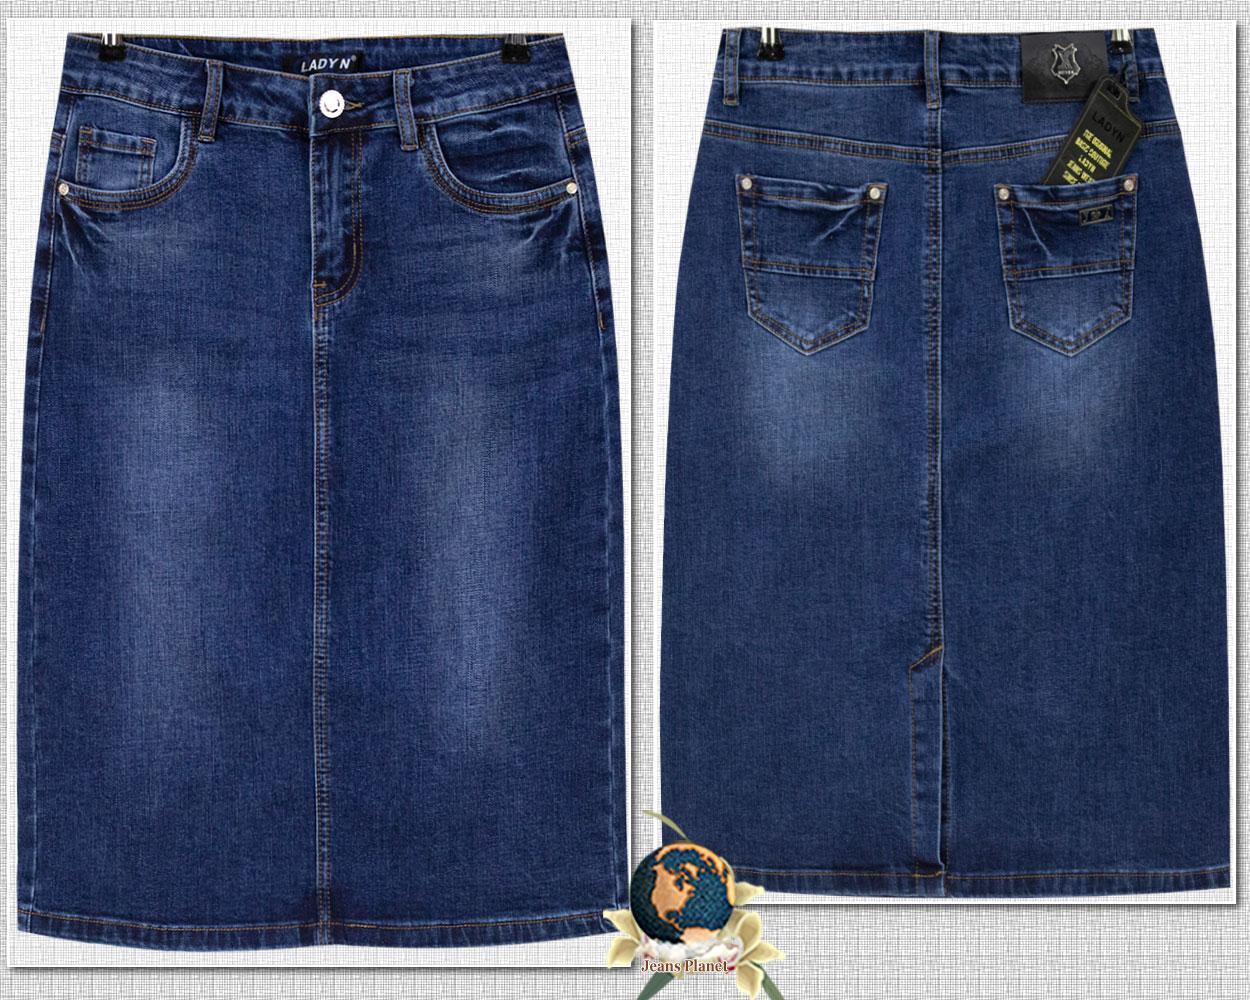 Юбка джинсовая классическая длинная LadyN синего цвета 31 размер